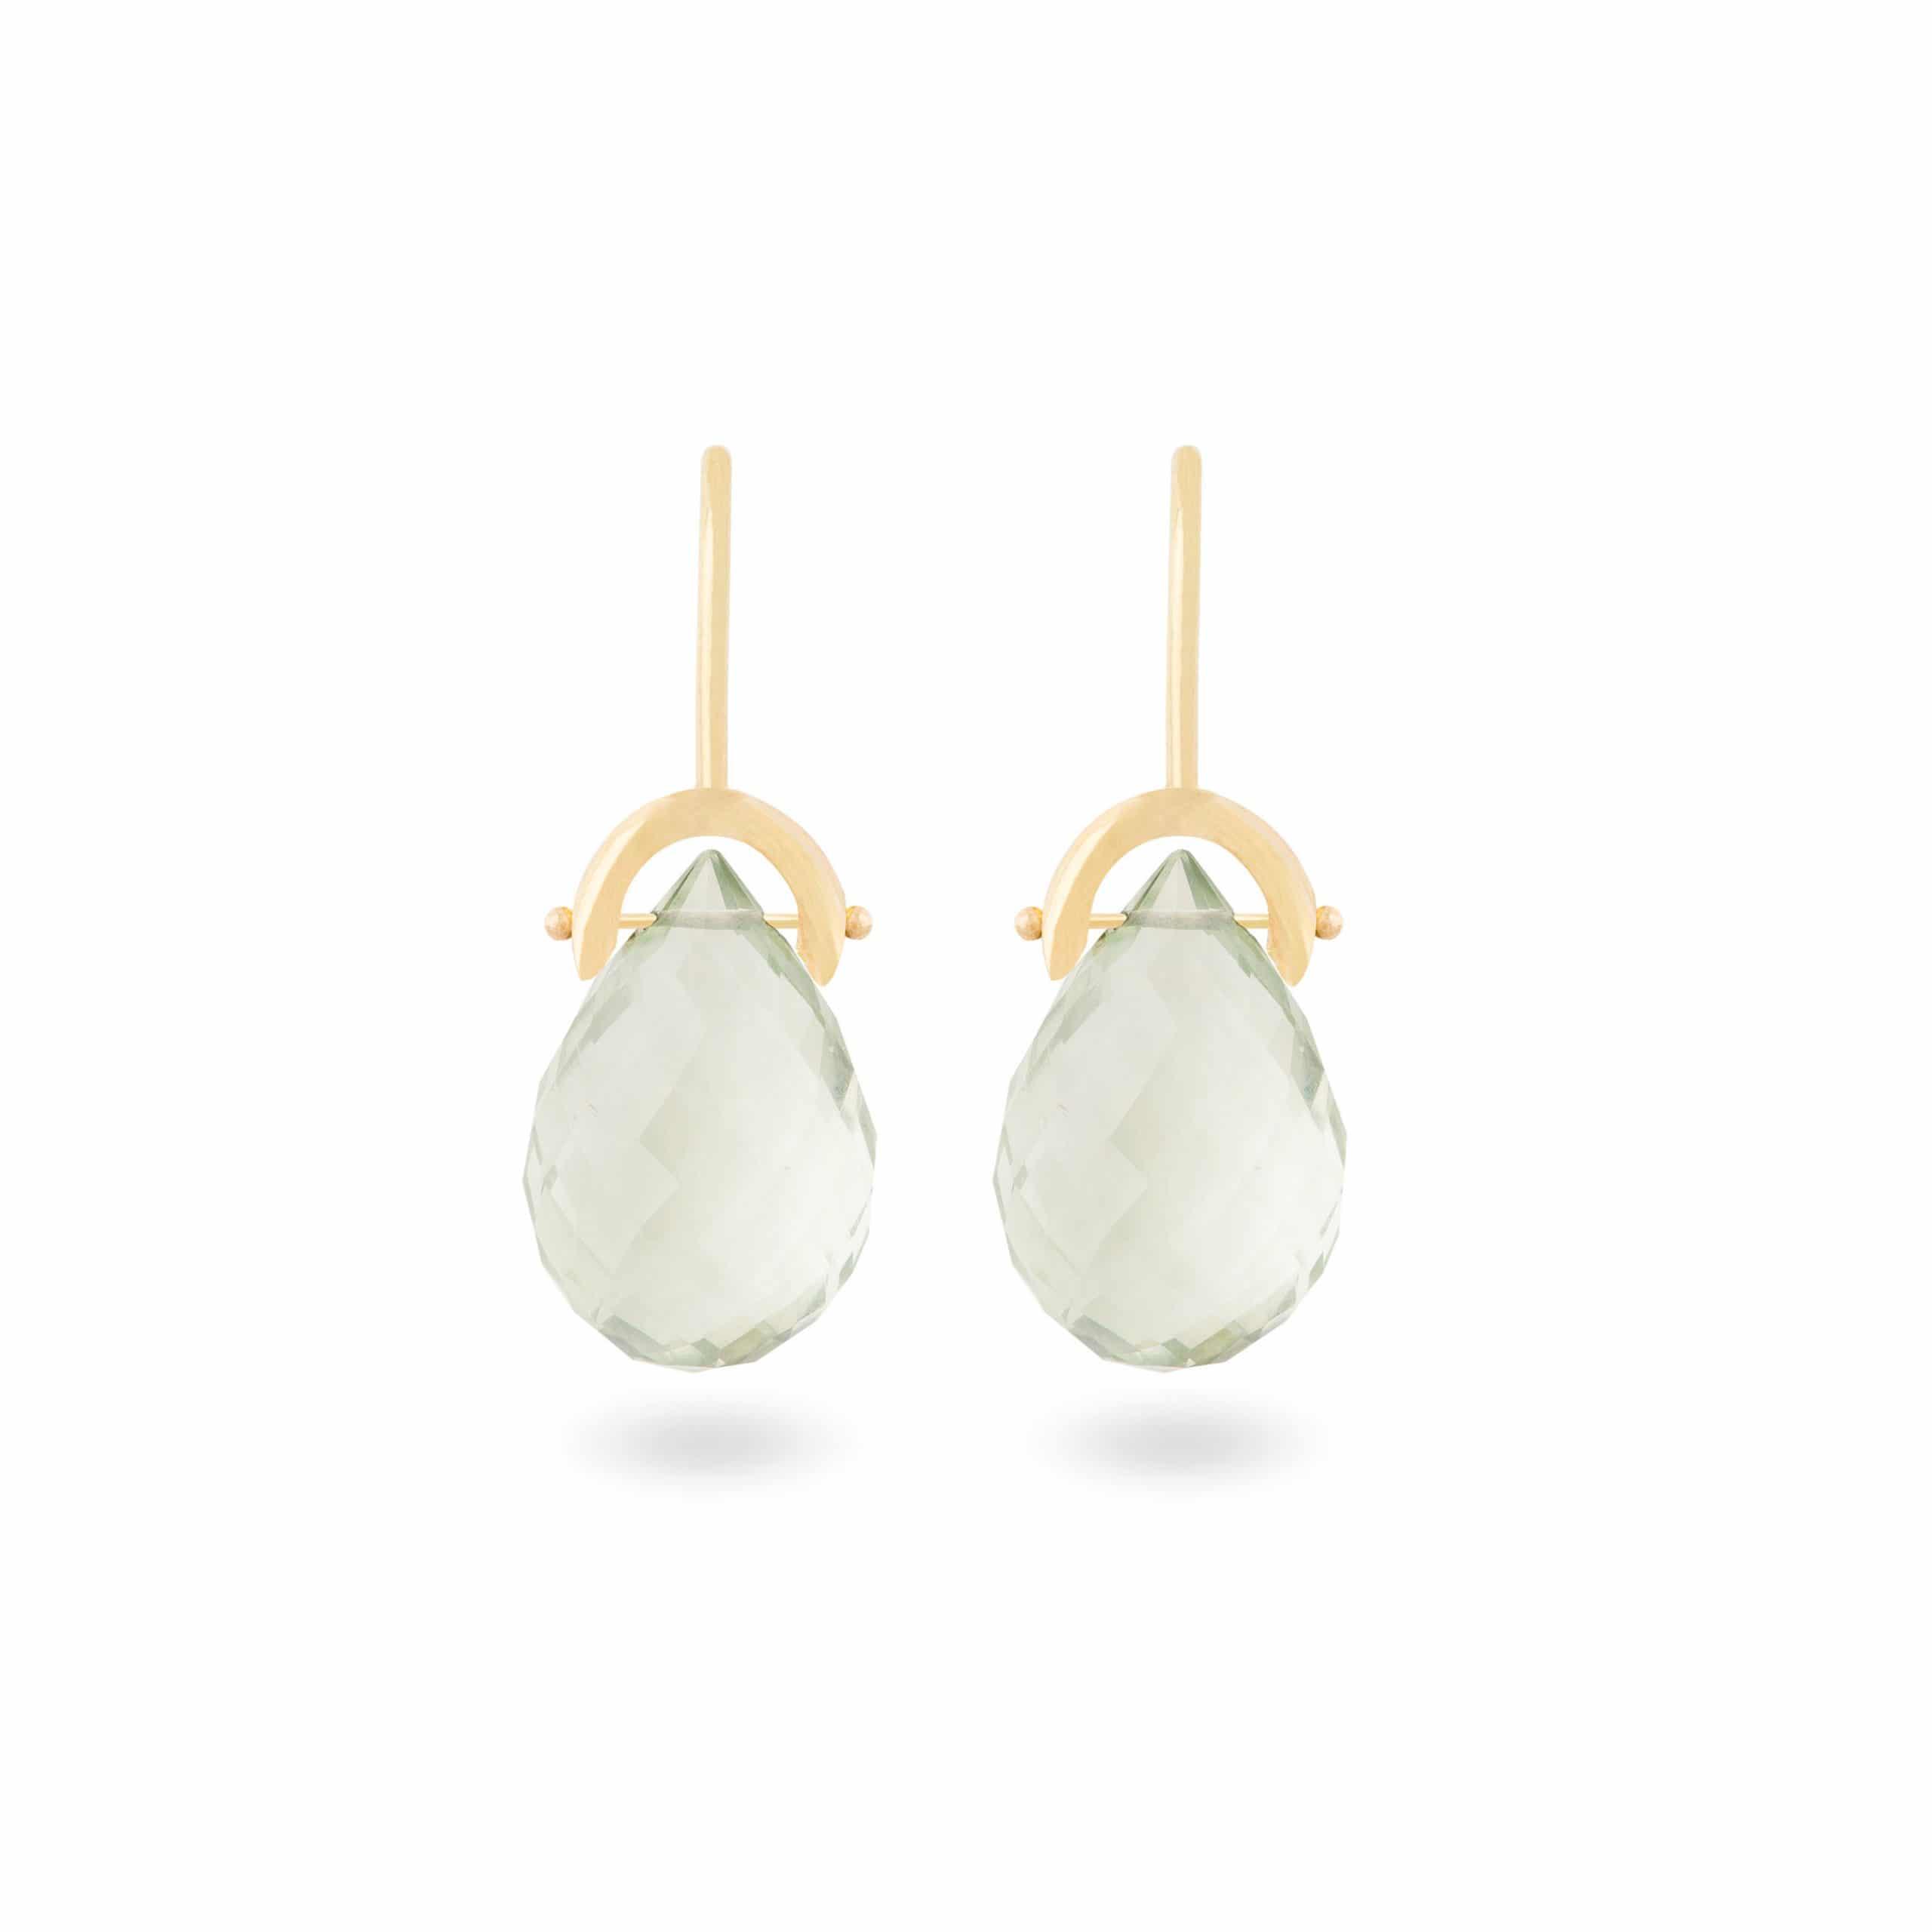 Boucles d'oreilles prasiolites